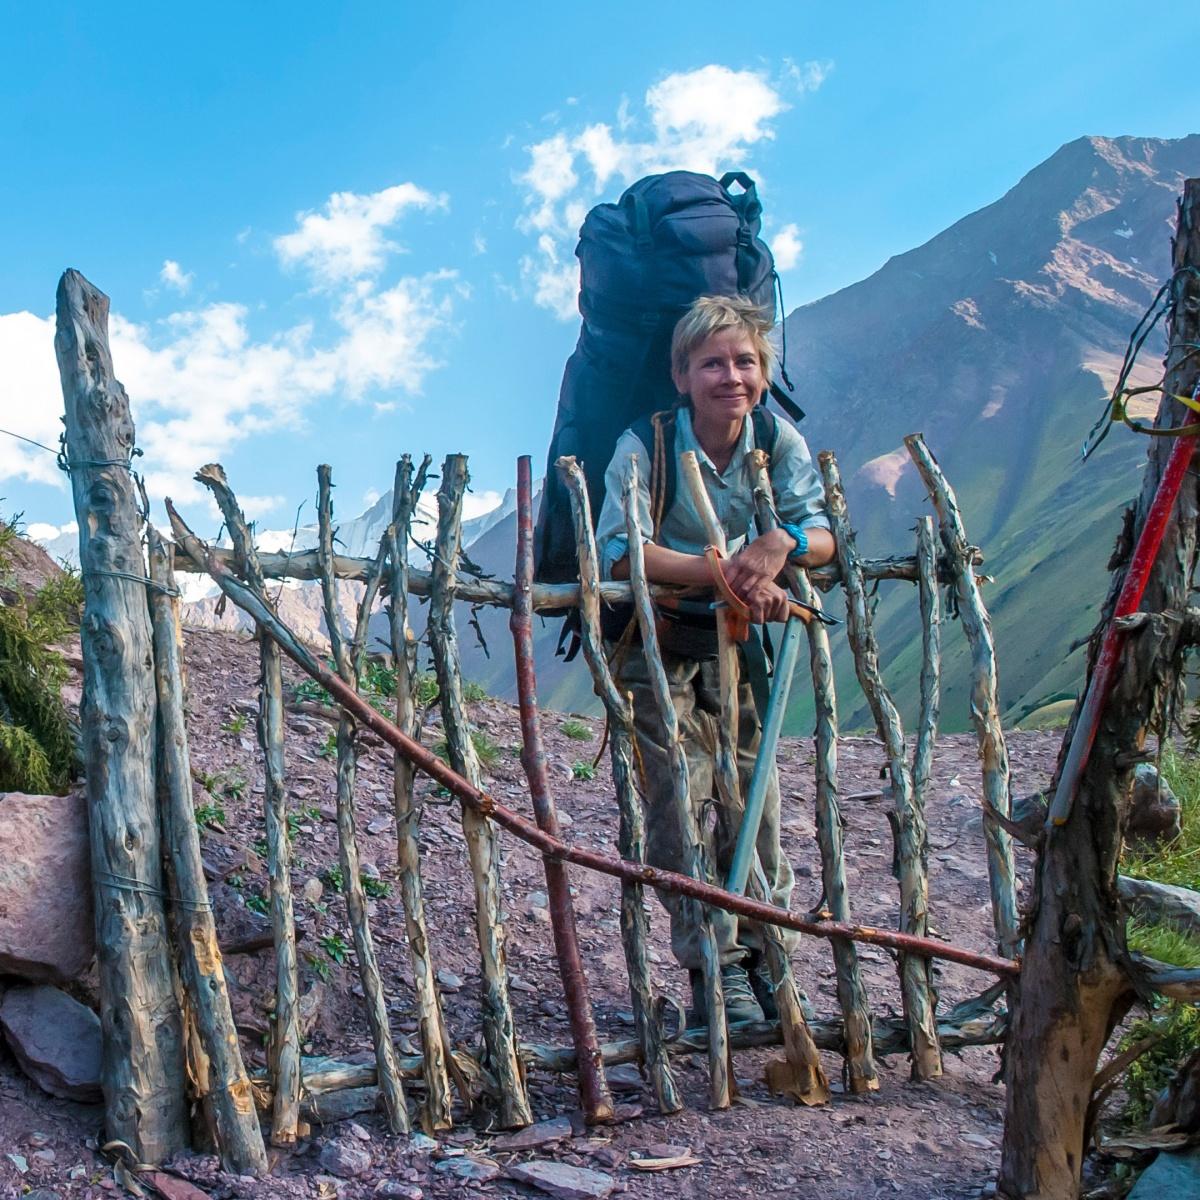 Опытные туристы, много лет в горах: что известно о попавших под лавину новосибирцах